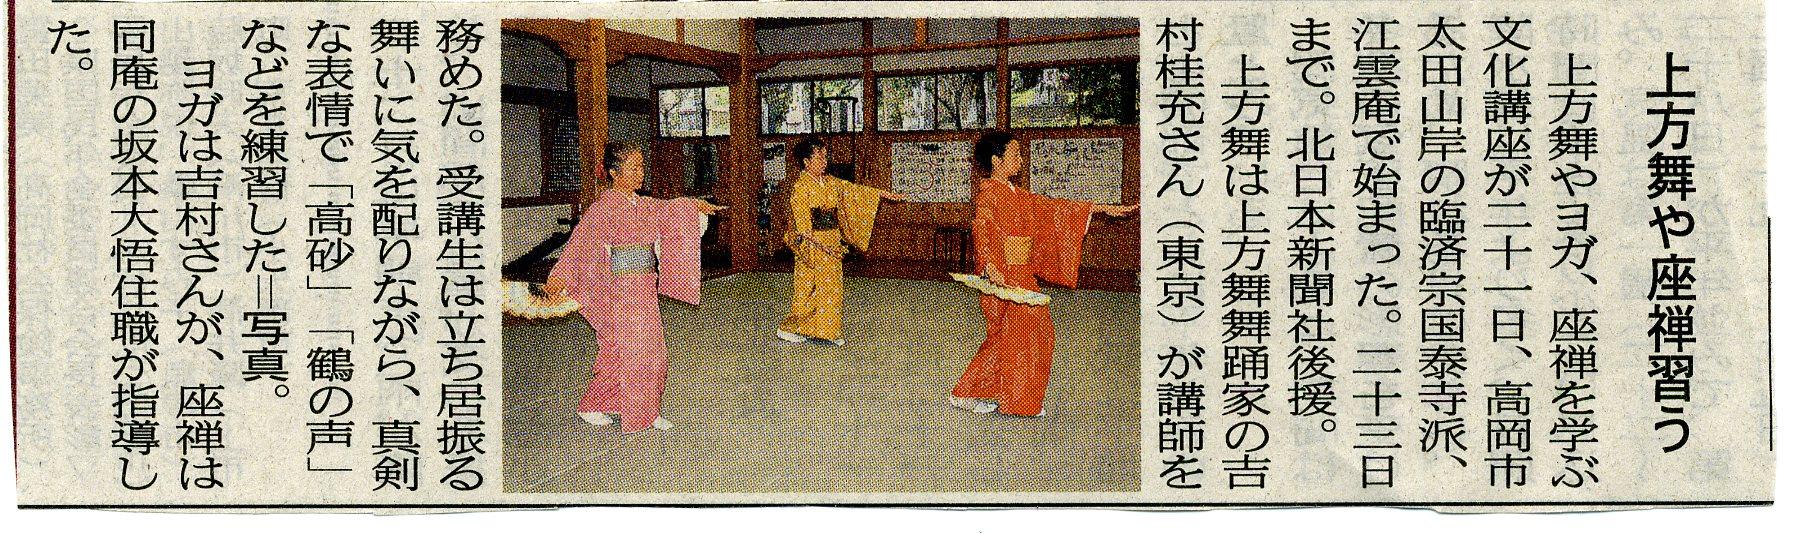 北日本新聞記事_c0154588_15424988.jpg